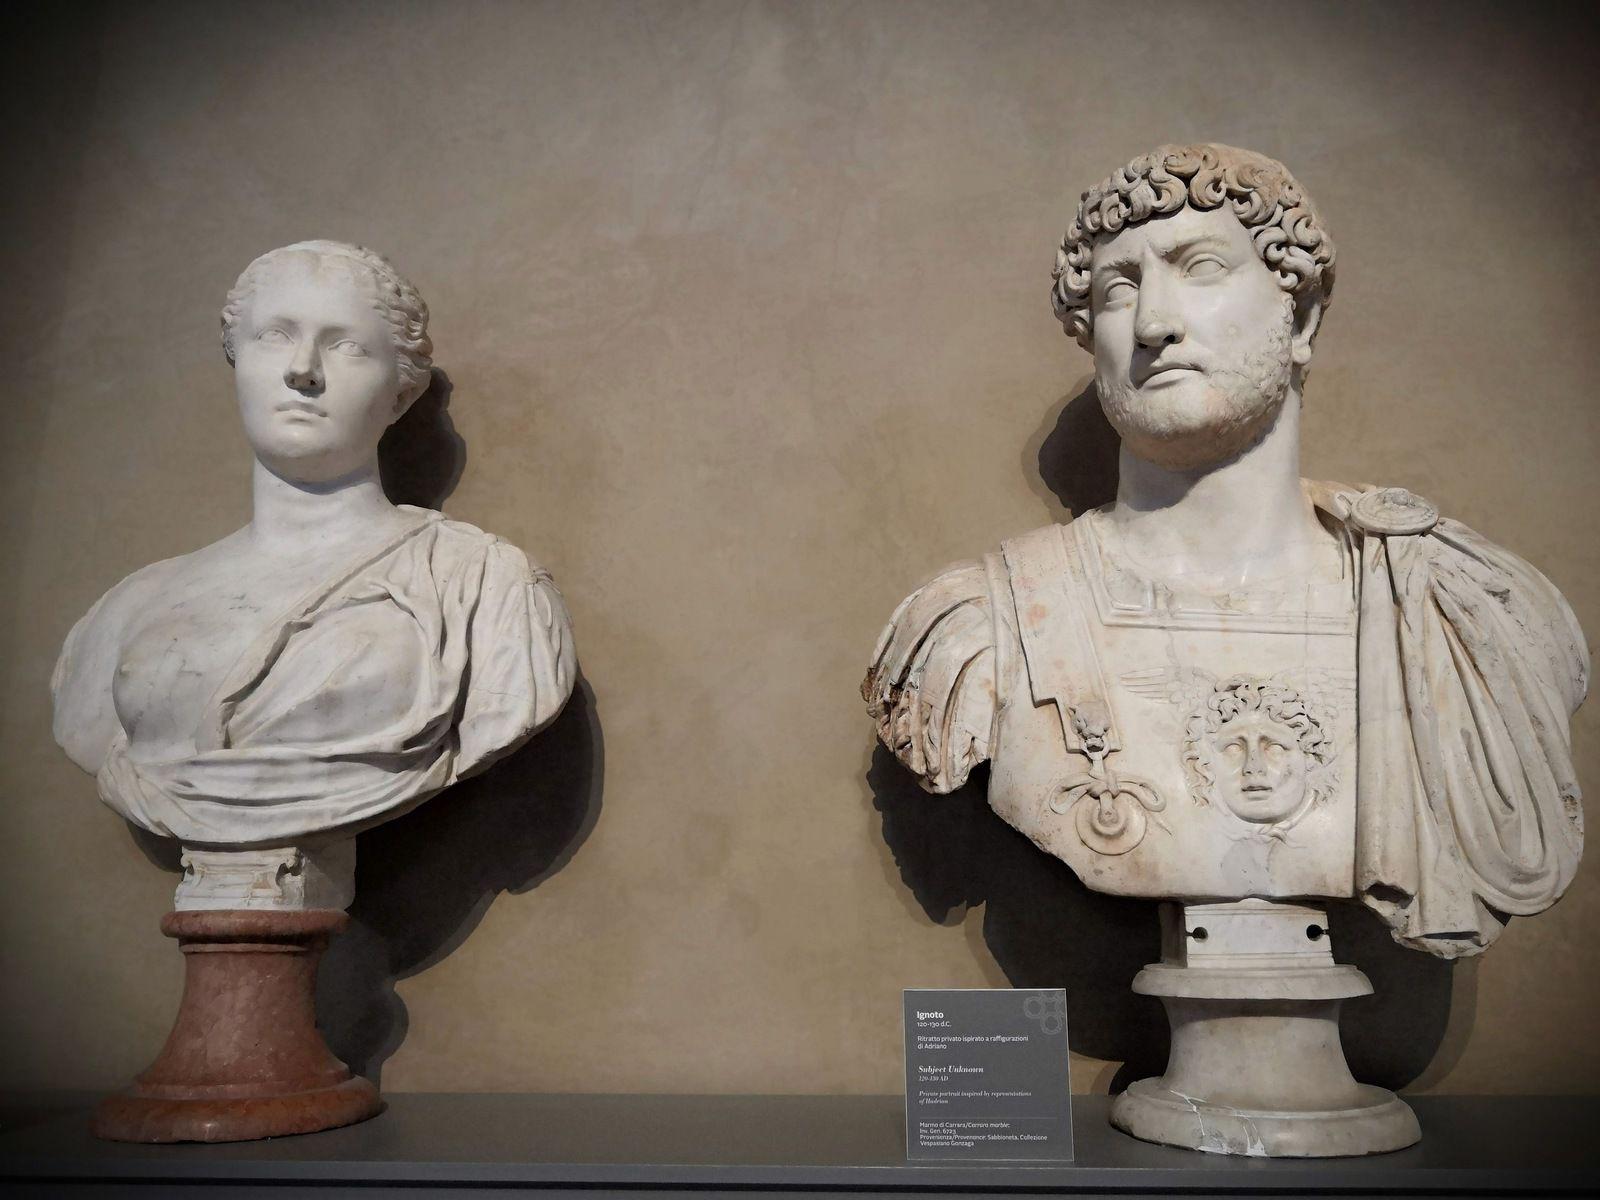 Ignoto 120-130 d.C., Ritratto privato ispirato a raffigurazioni di Adriano, Marmo di Carrara ; Vibia Sabina, moglie di Adriano, Secondo quarto dell III sec. D.C.